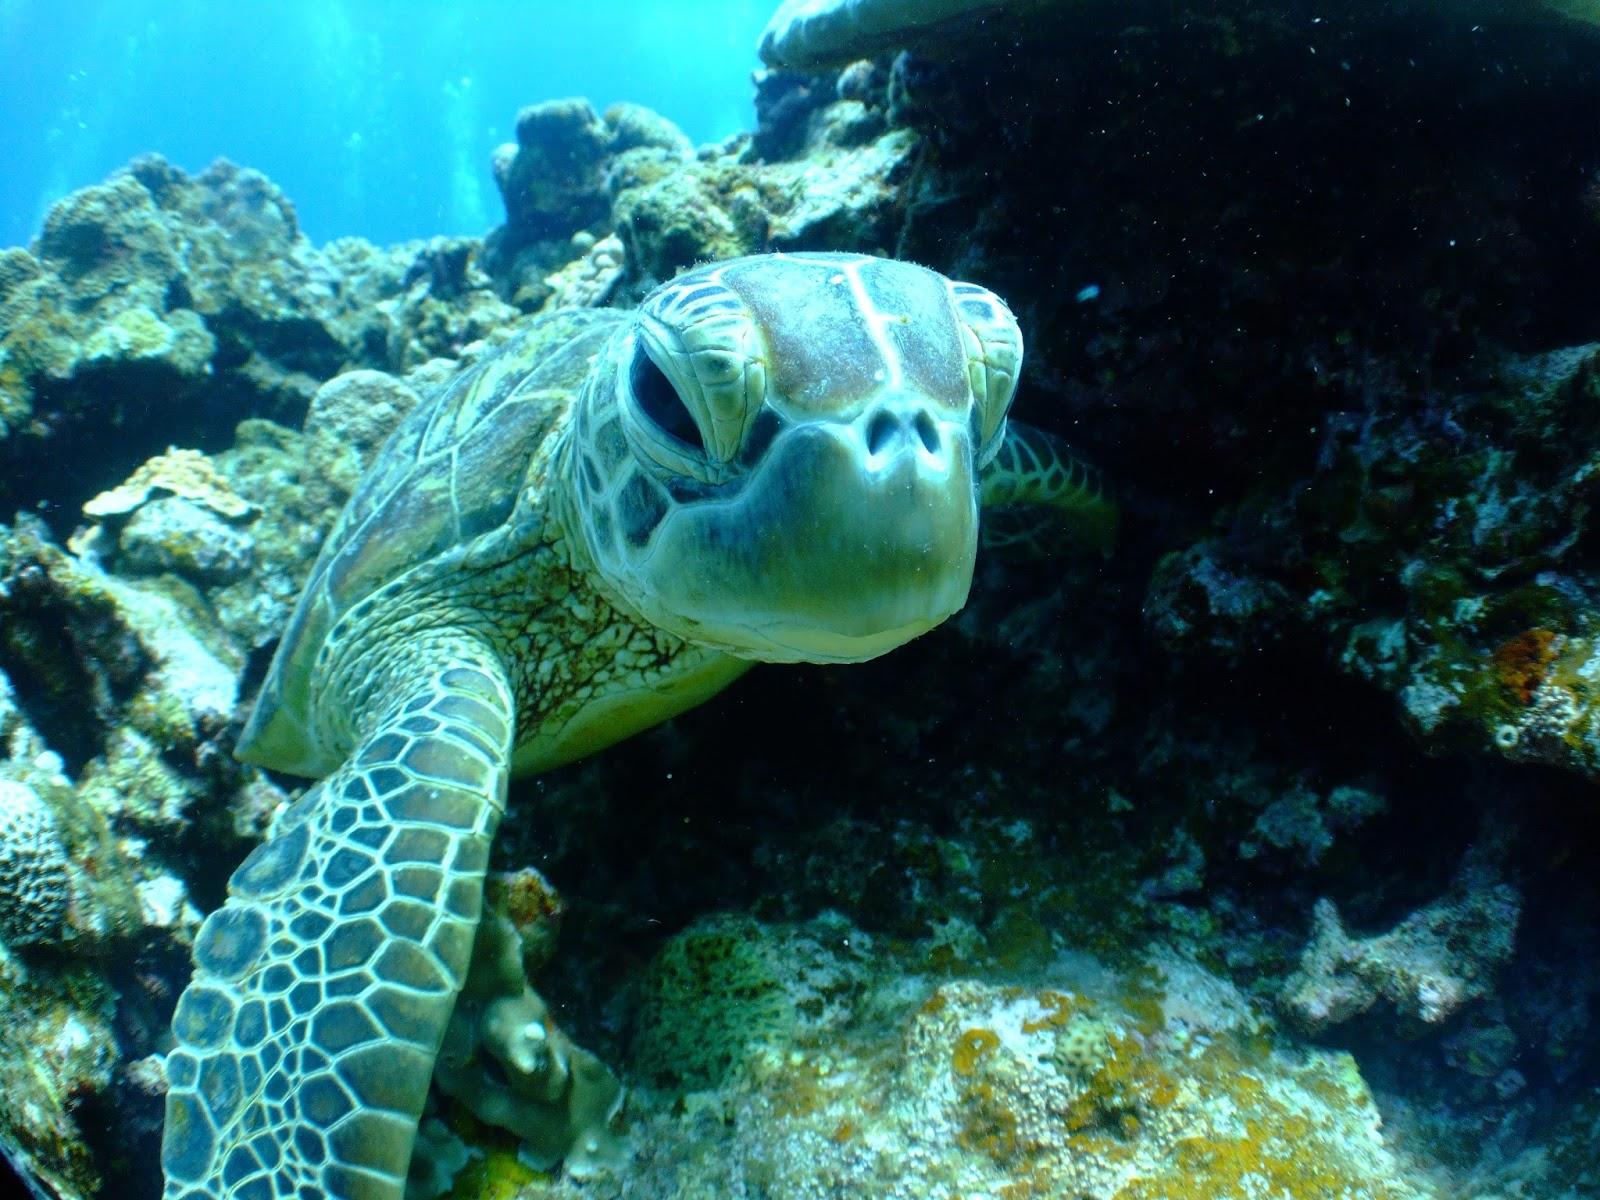 沖繩-潛水-浮潛-大度海岸-推薦-Okinawa-scuba-diving-snorkeling